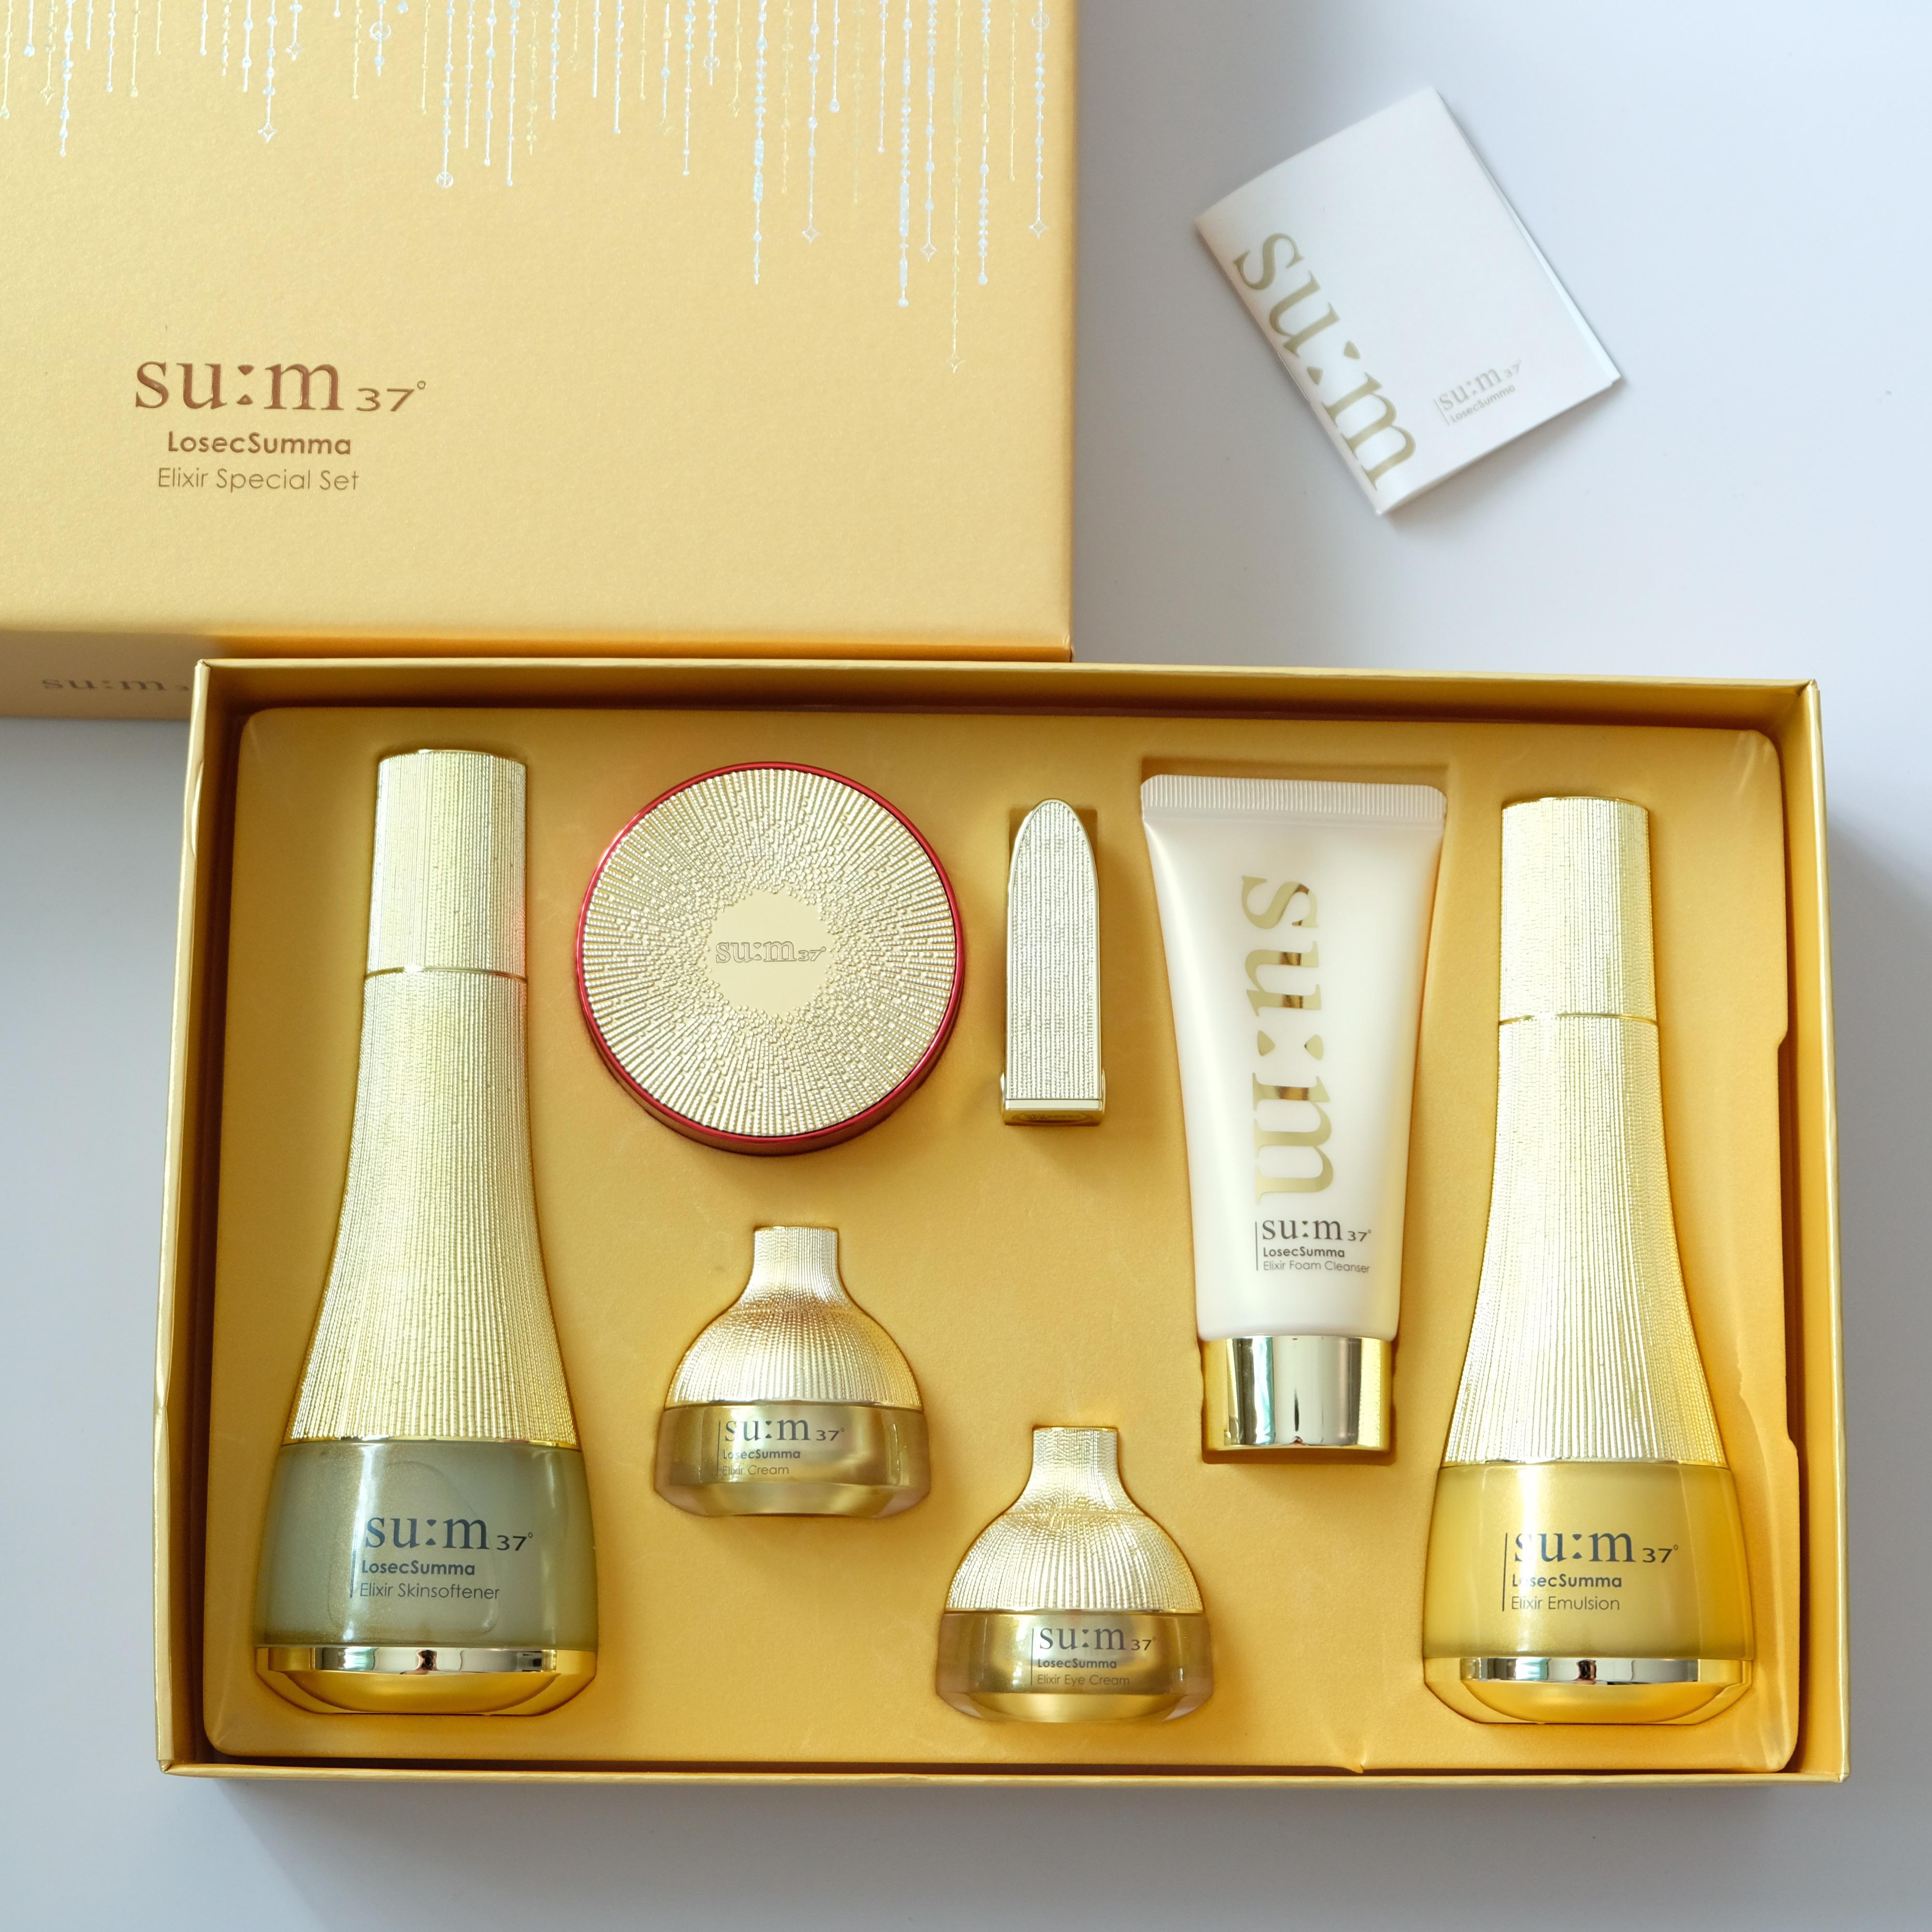 Bộ dưỡng tái sinh da cao cấp Su:m37 Losec Summa Elixir Special Set (7 món)